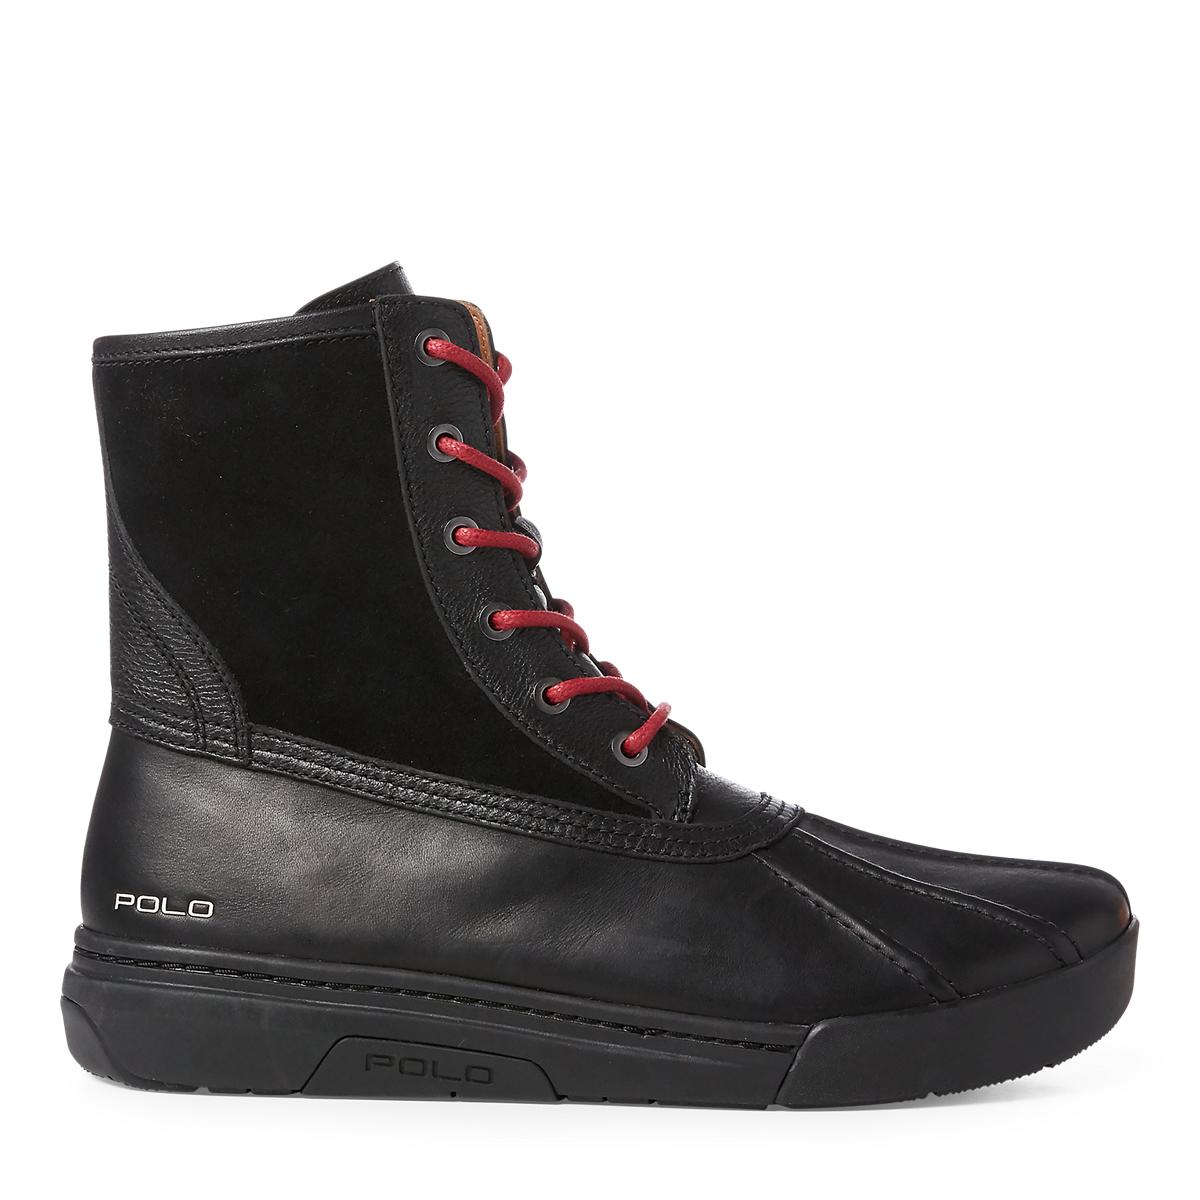 Declan Leather Duck Boot. Polo Ralph Lauren Declan Leather Duck Boot 1.  Declan Leather Duck Boot 63e39ae10